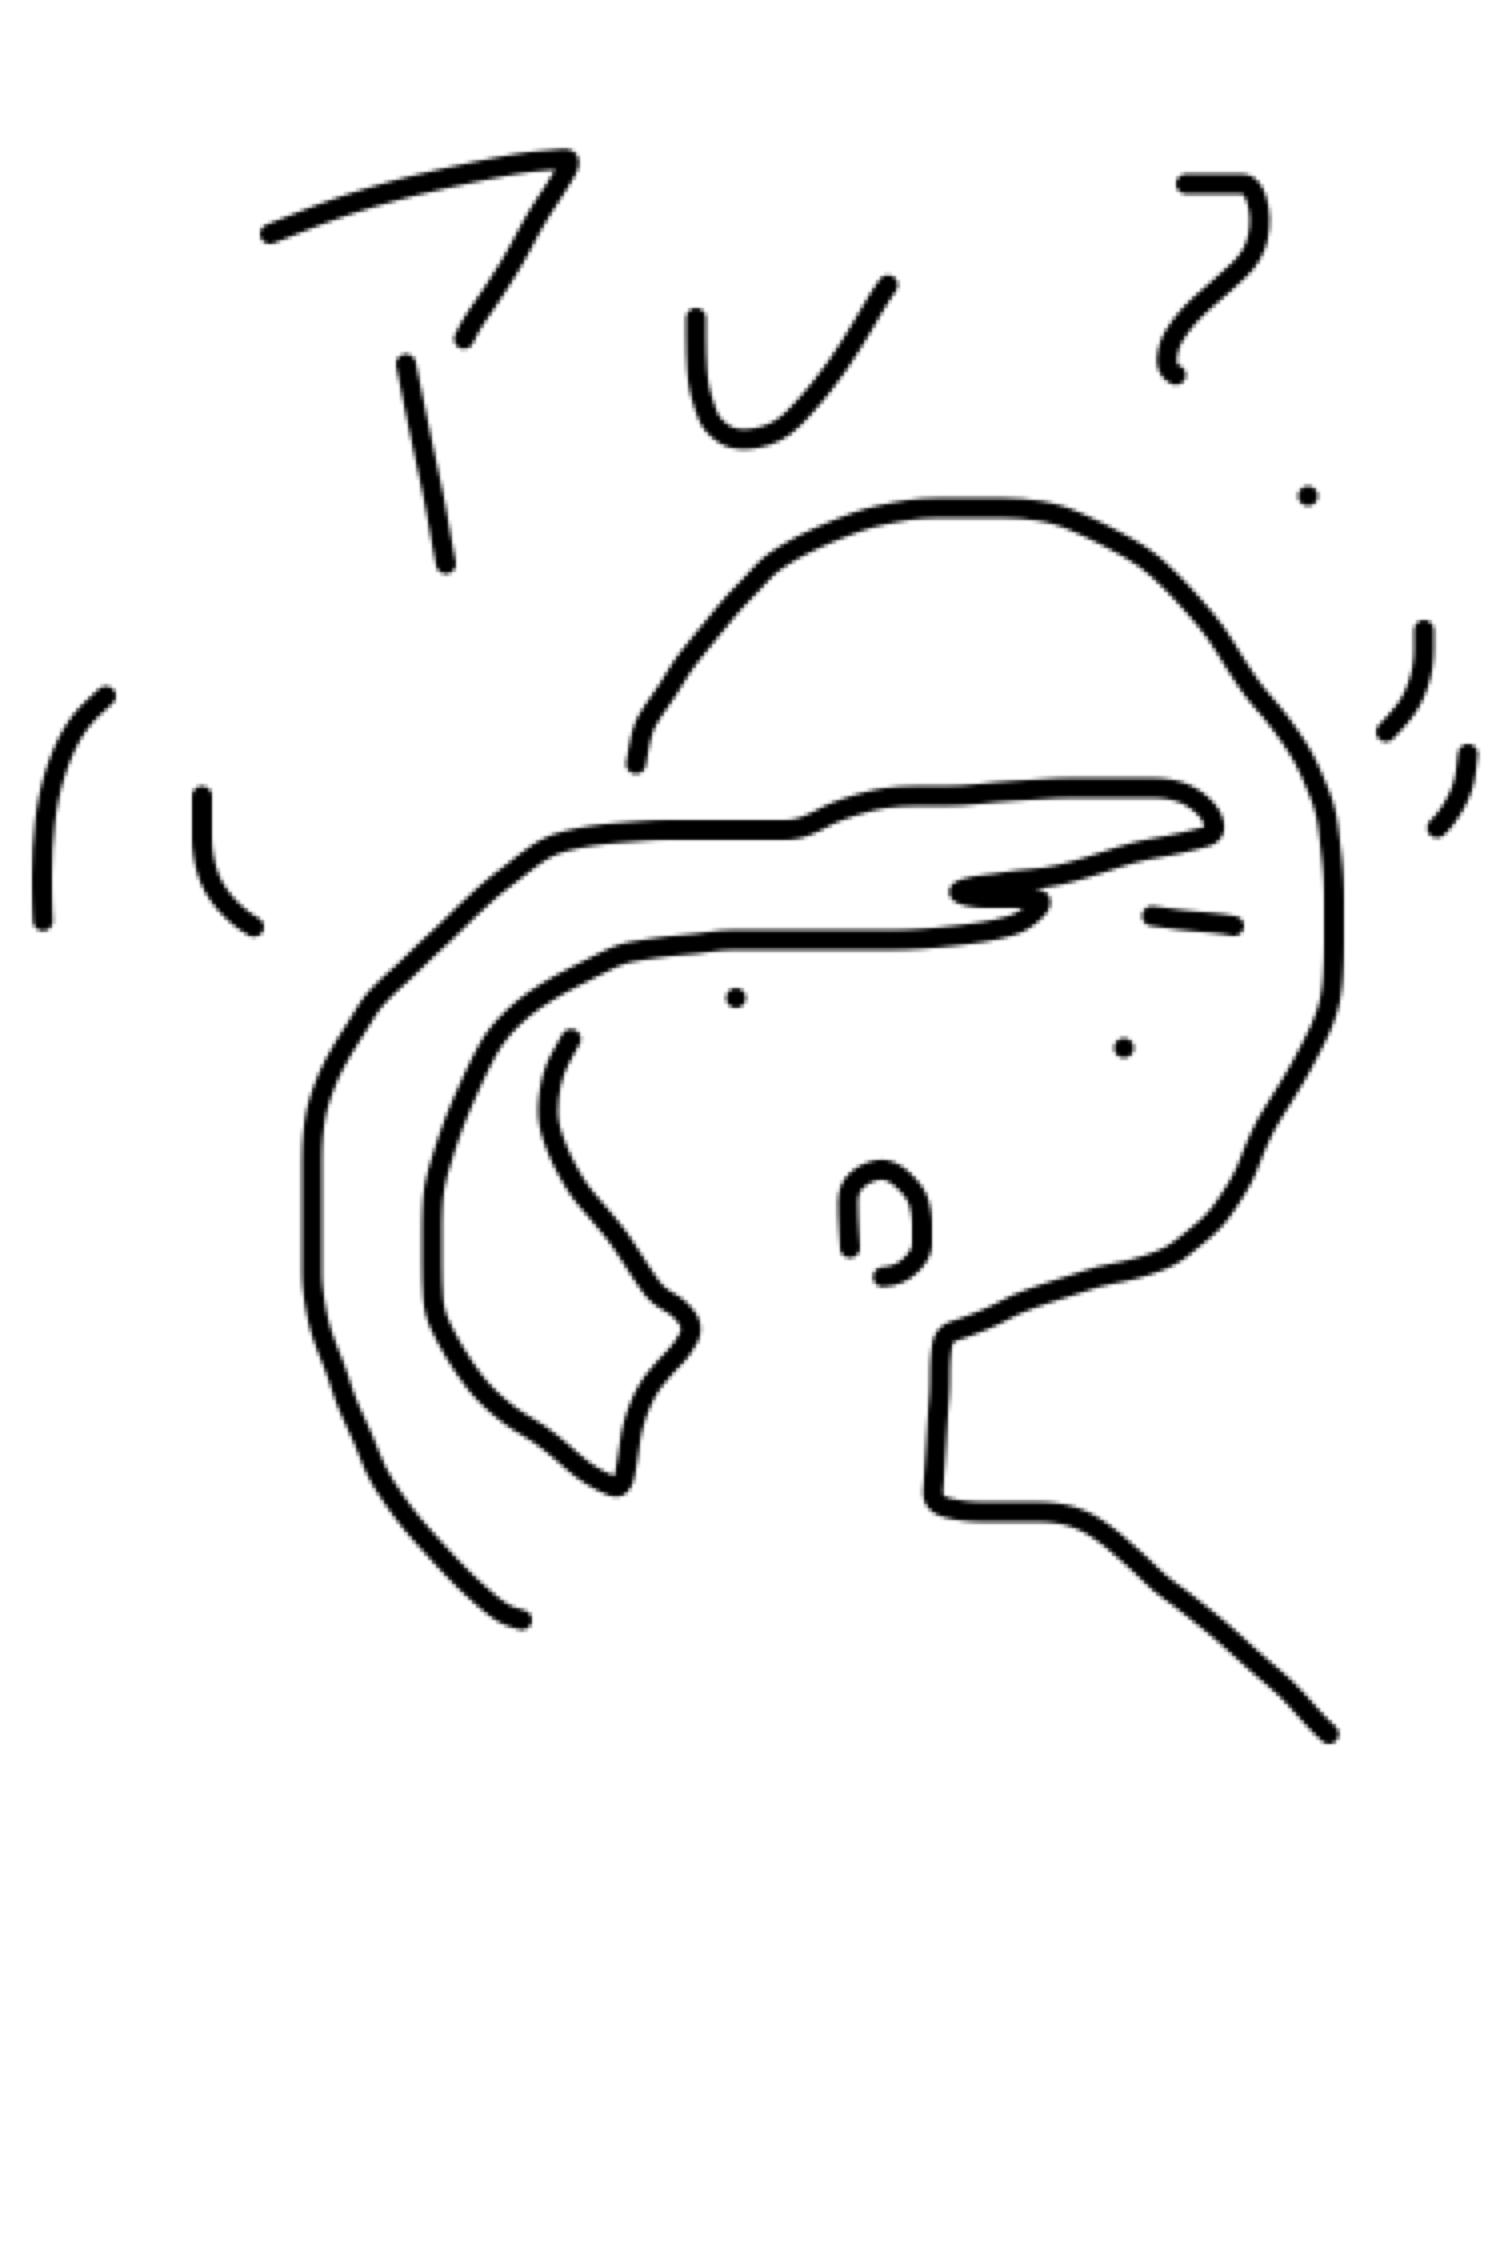 ガルちゃんで使えそうなイラストを描いてみるトピ